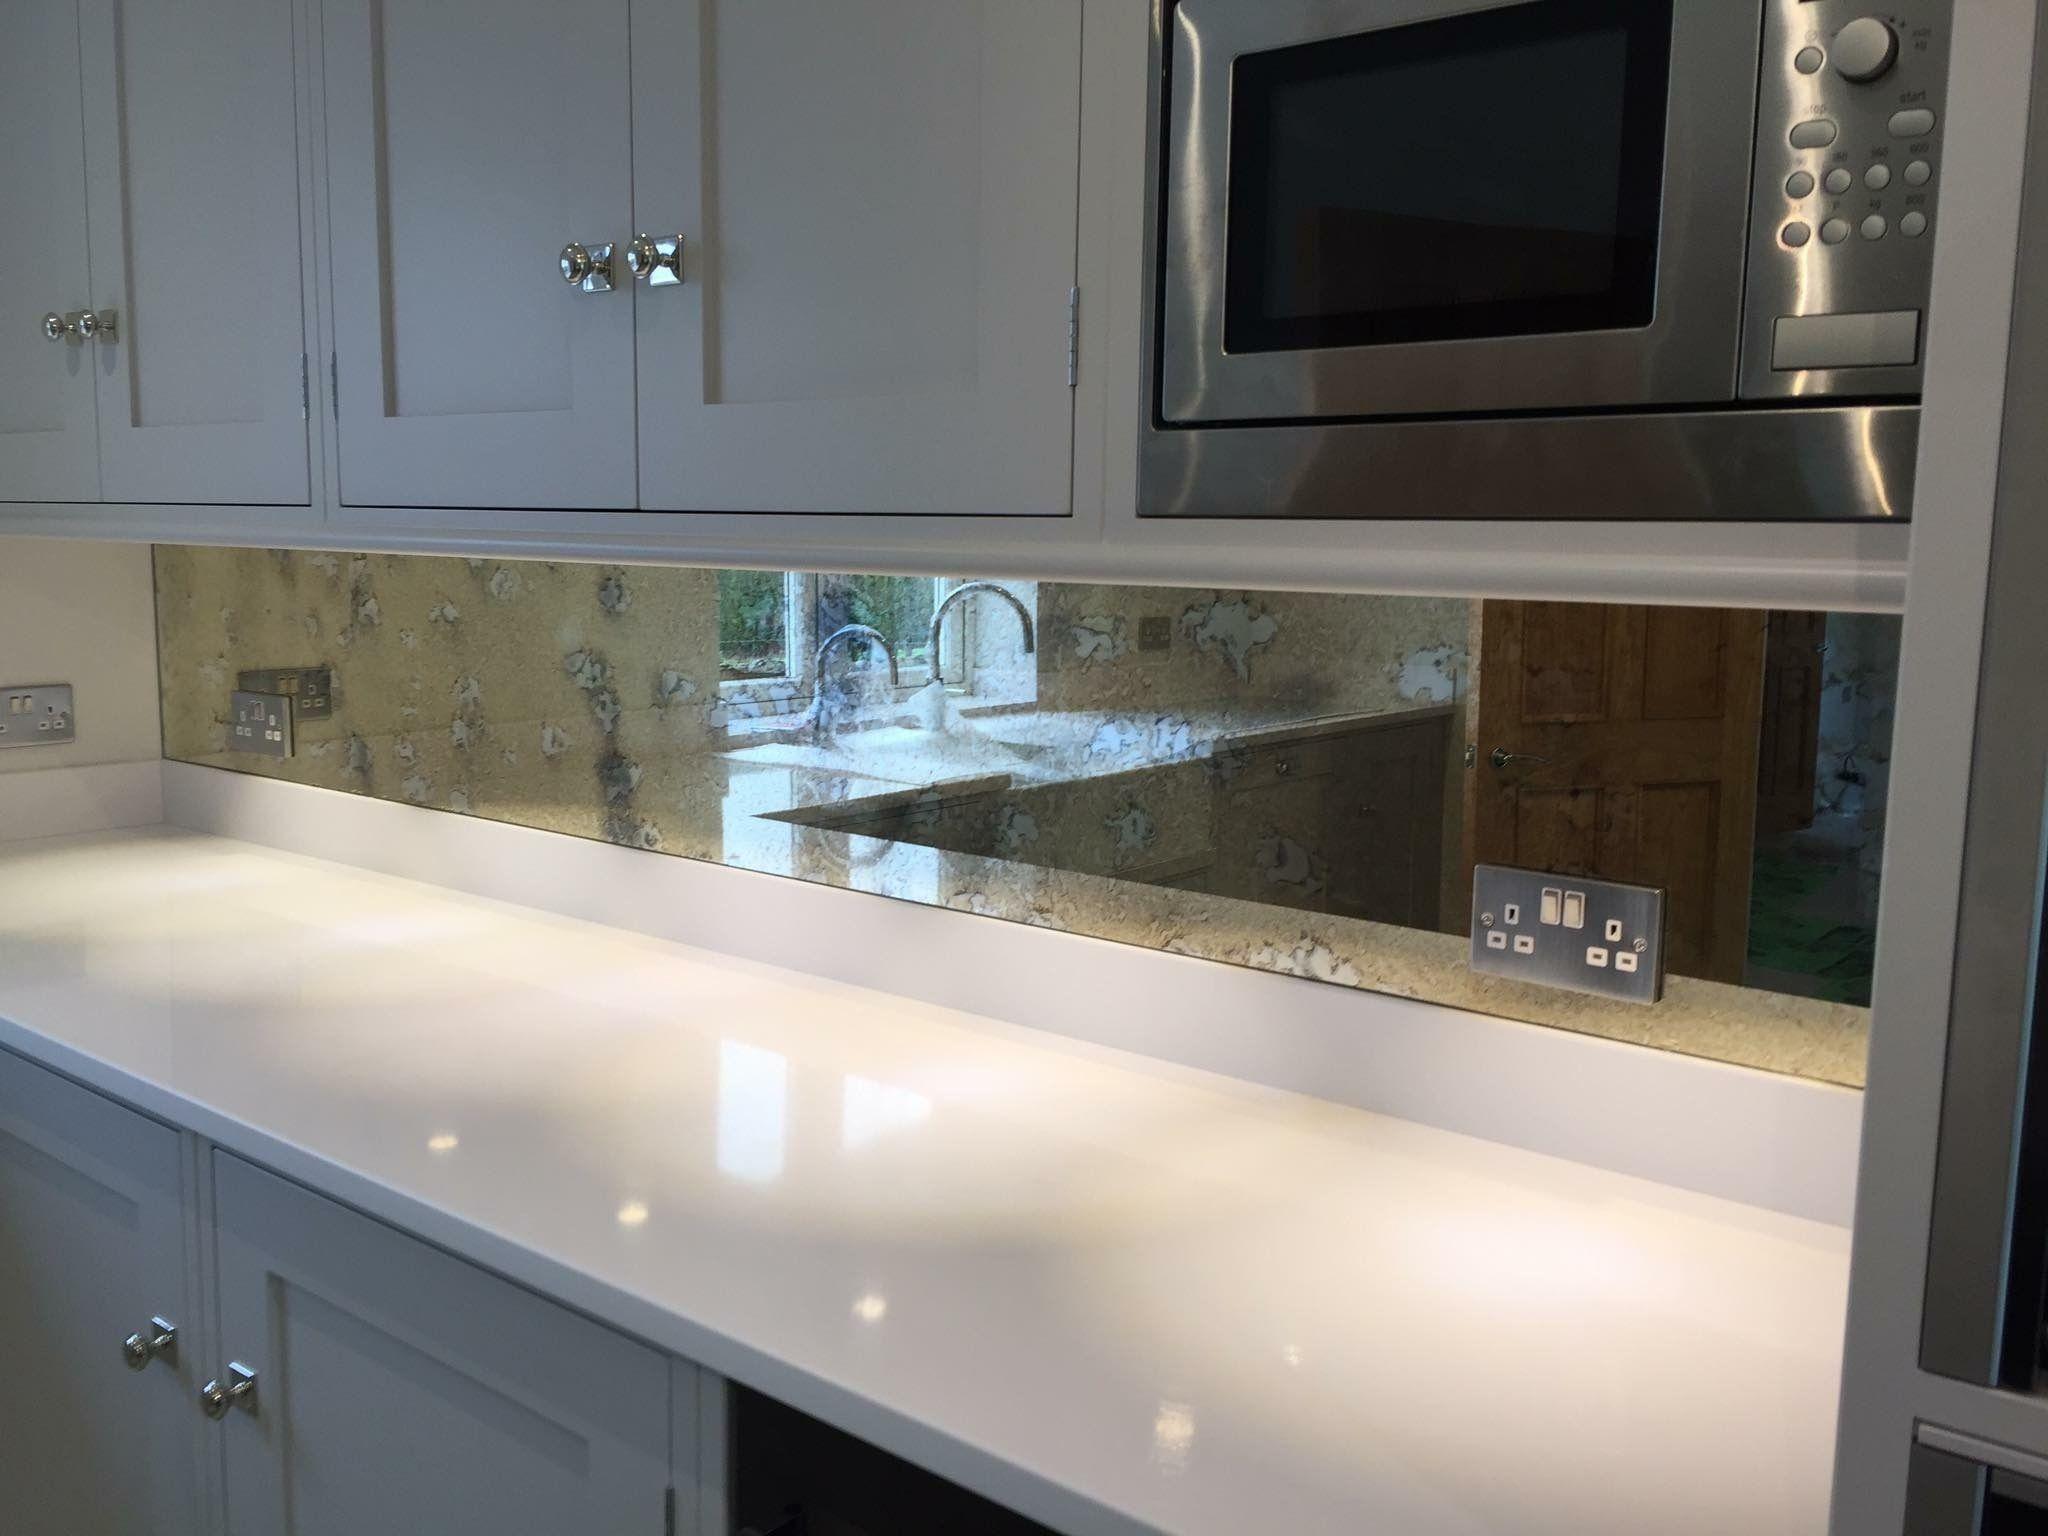 Silver Antique Effect Mirrored Glass Kitchen Splashback Kitchen